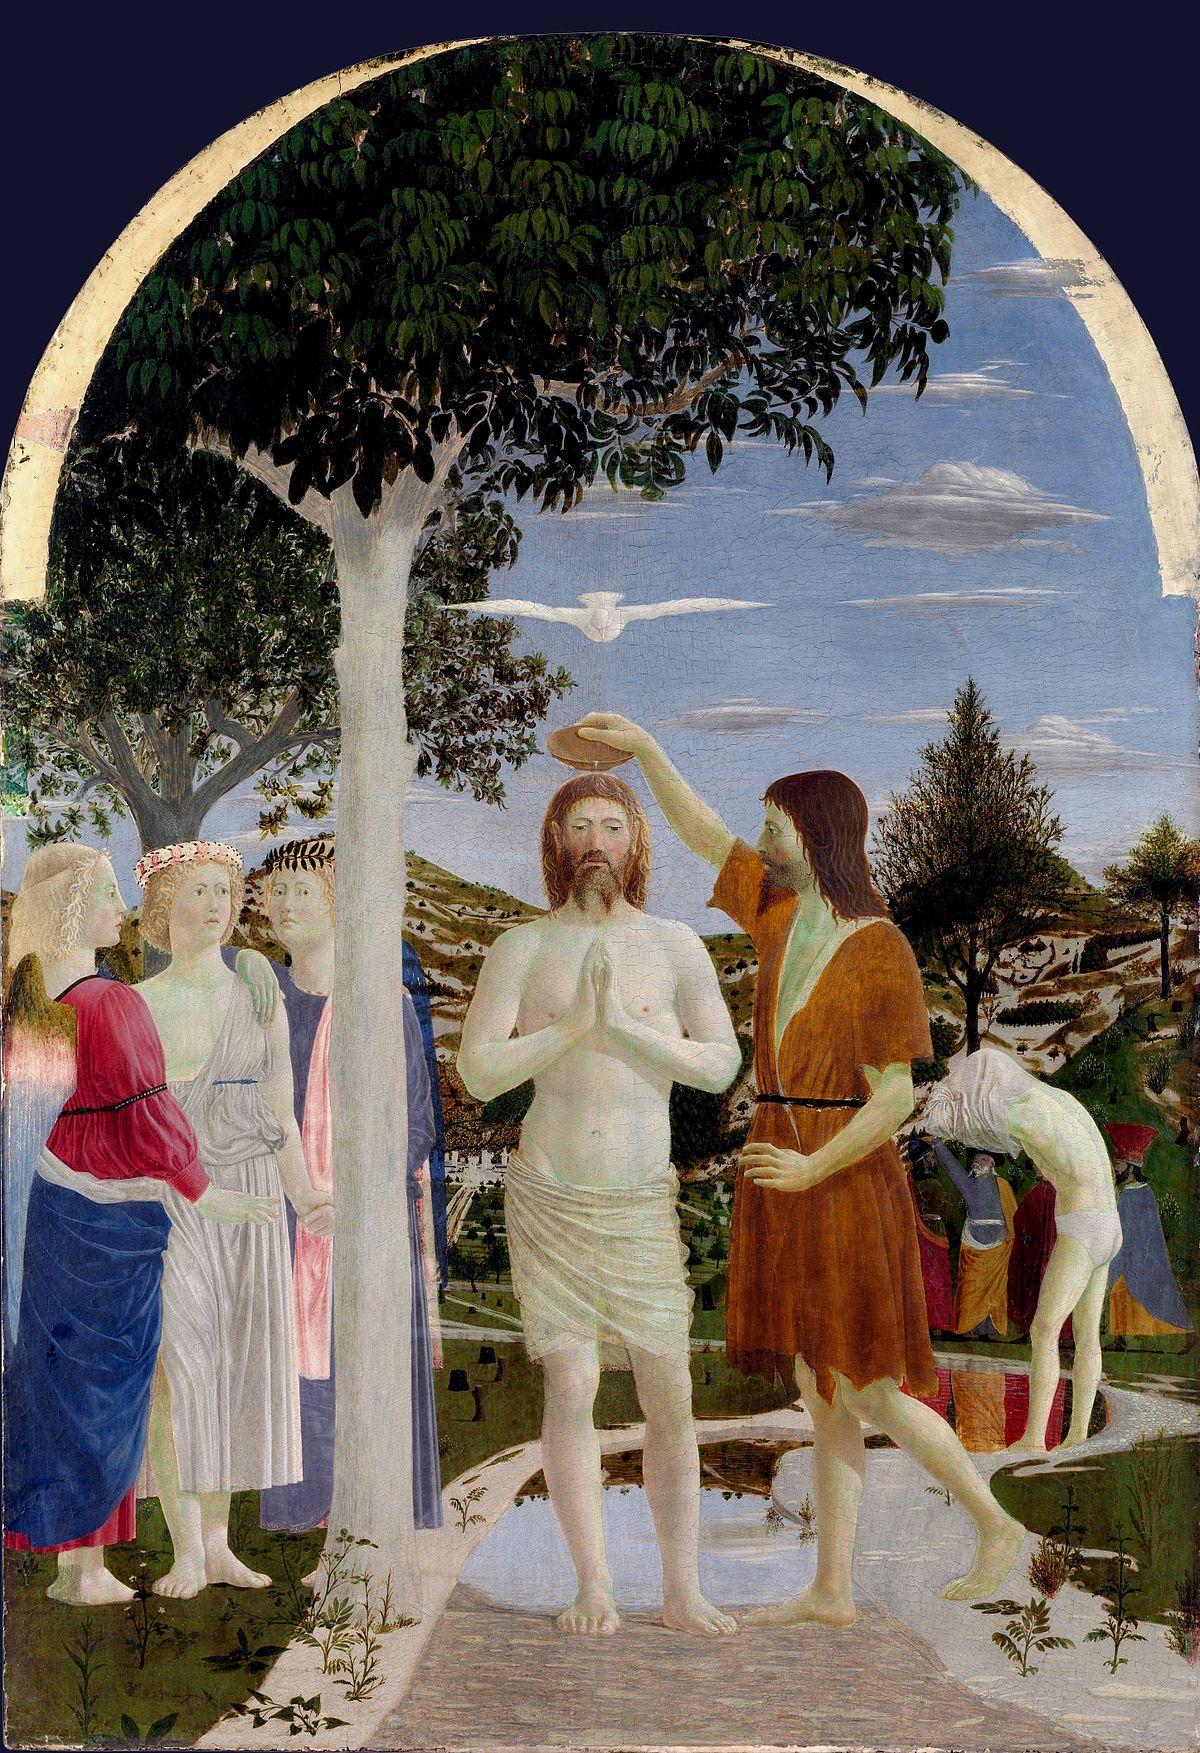 Bautismo de Jesús - Wikipedia, la enciclopedia libre